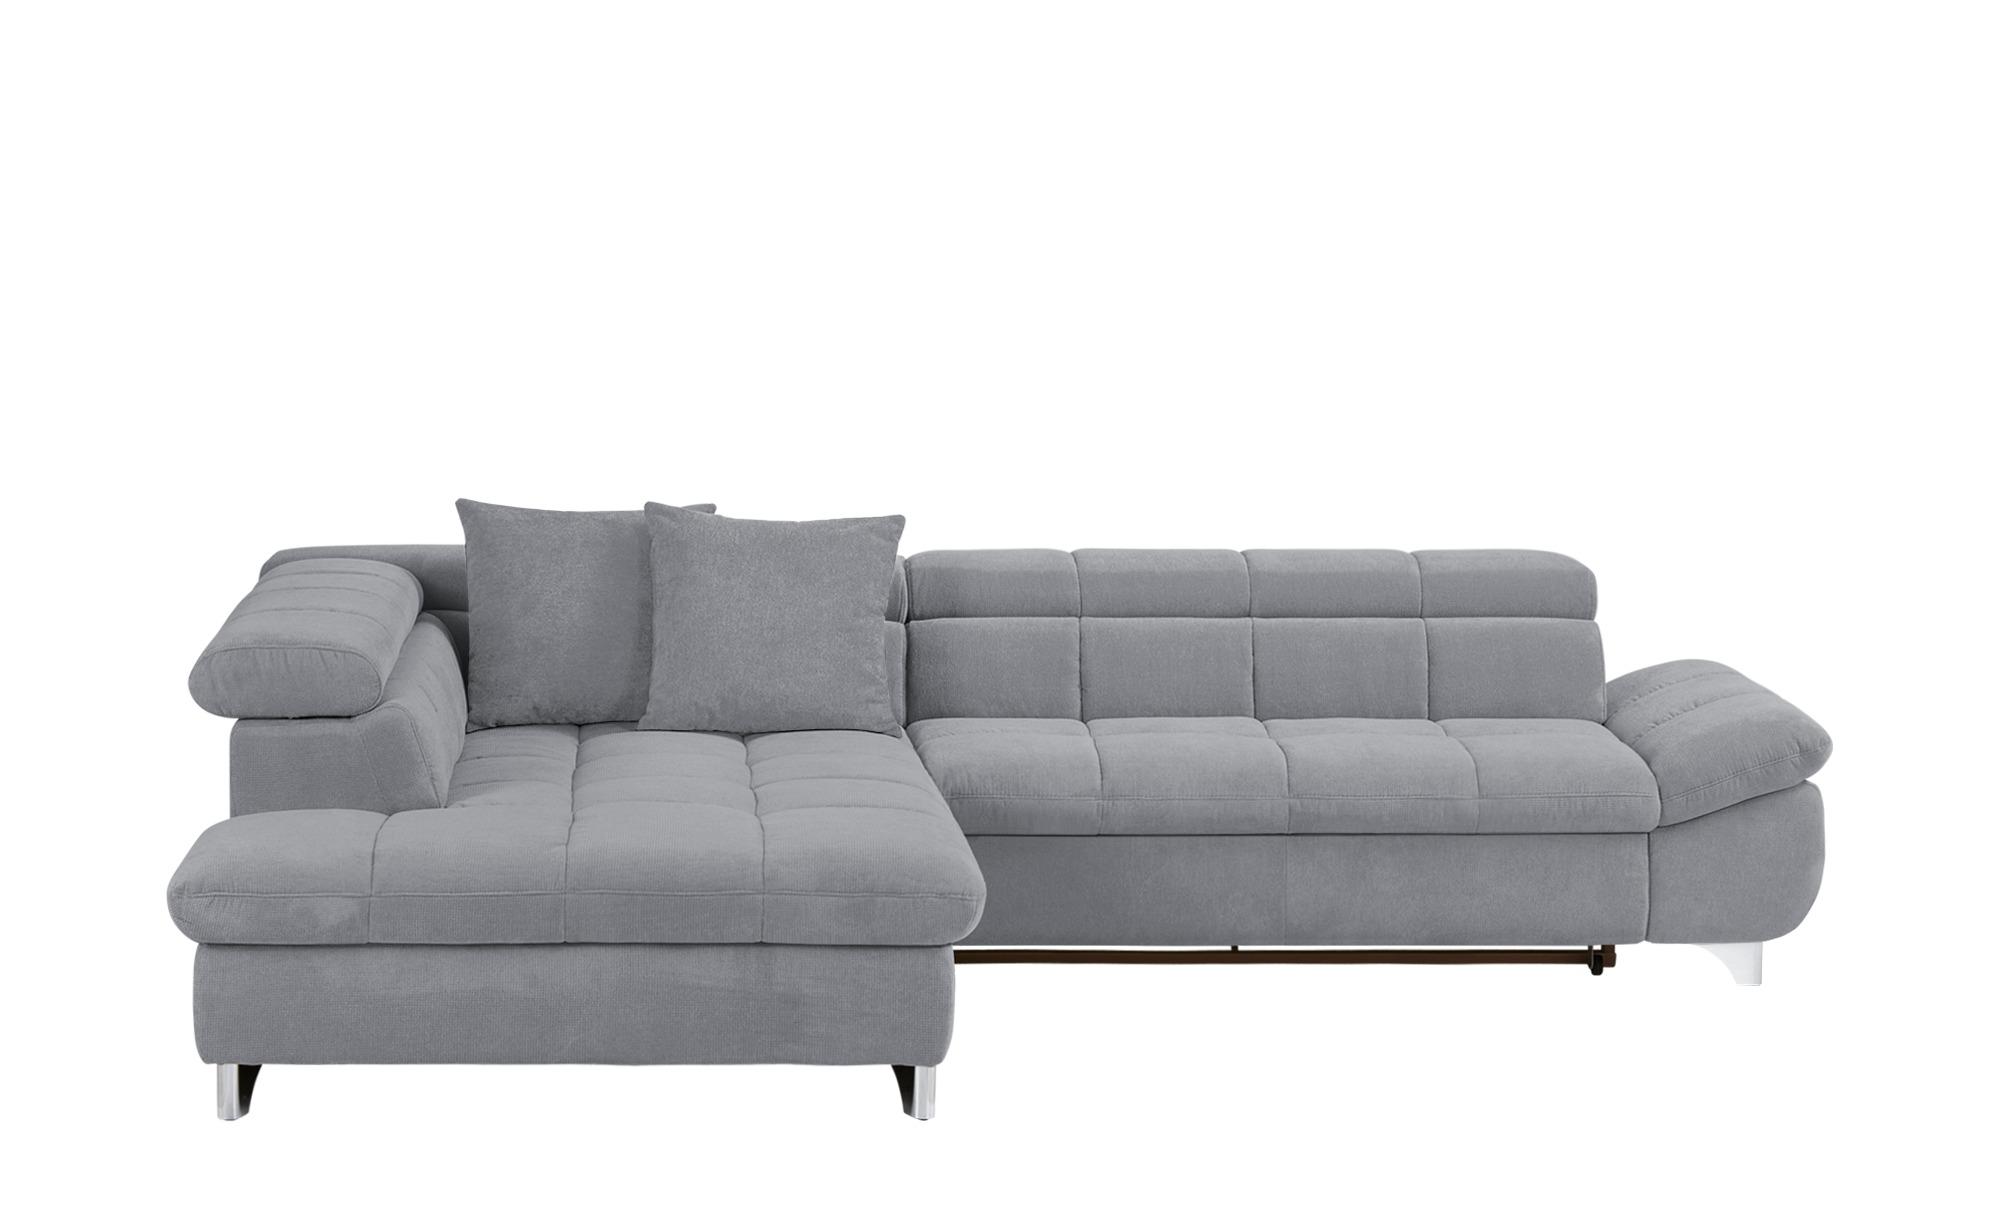 Ecksofa lorena breite h he 79 cm grau online kaufen bei for Ecksofa breite 200 cm